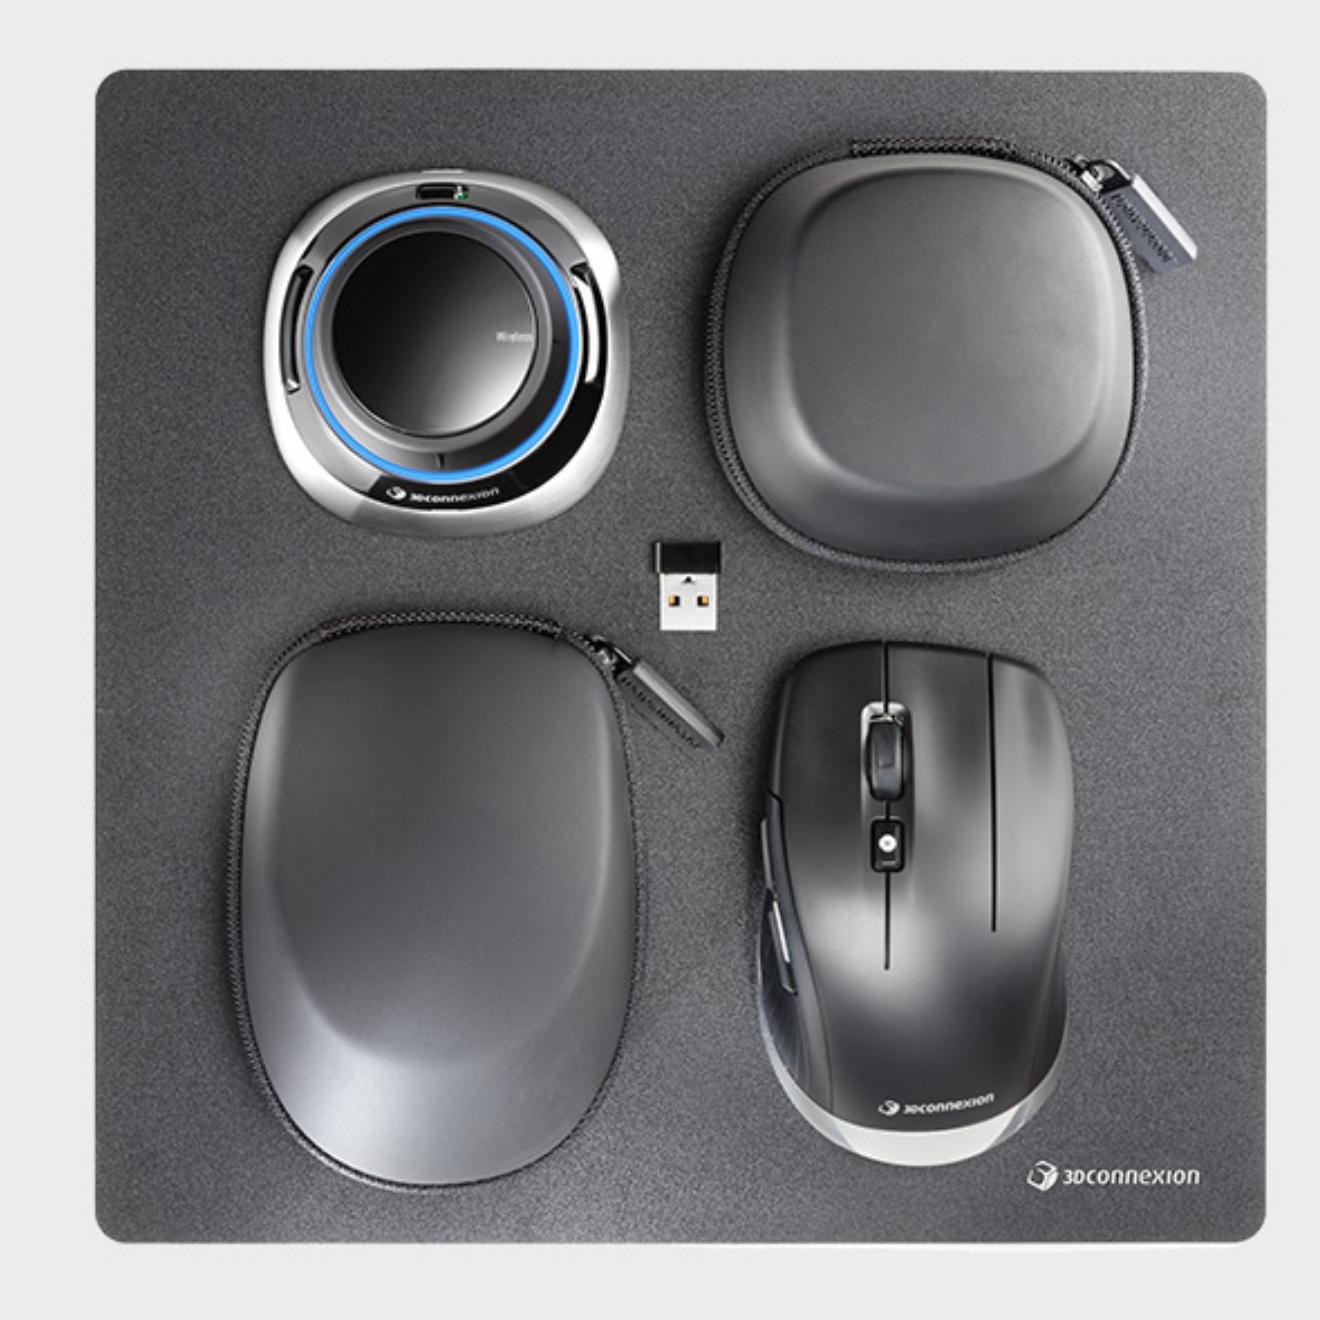 3Dconnexion 3D mouse